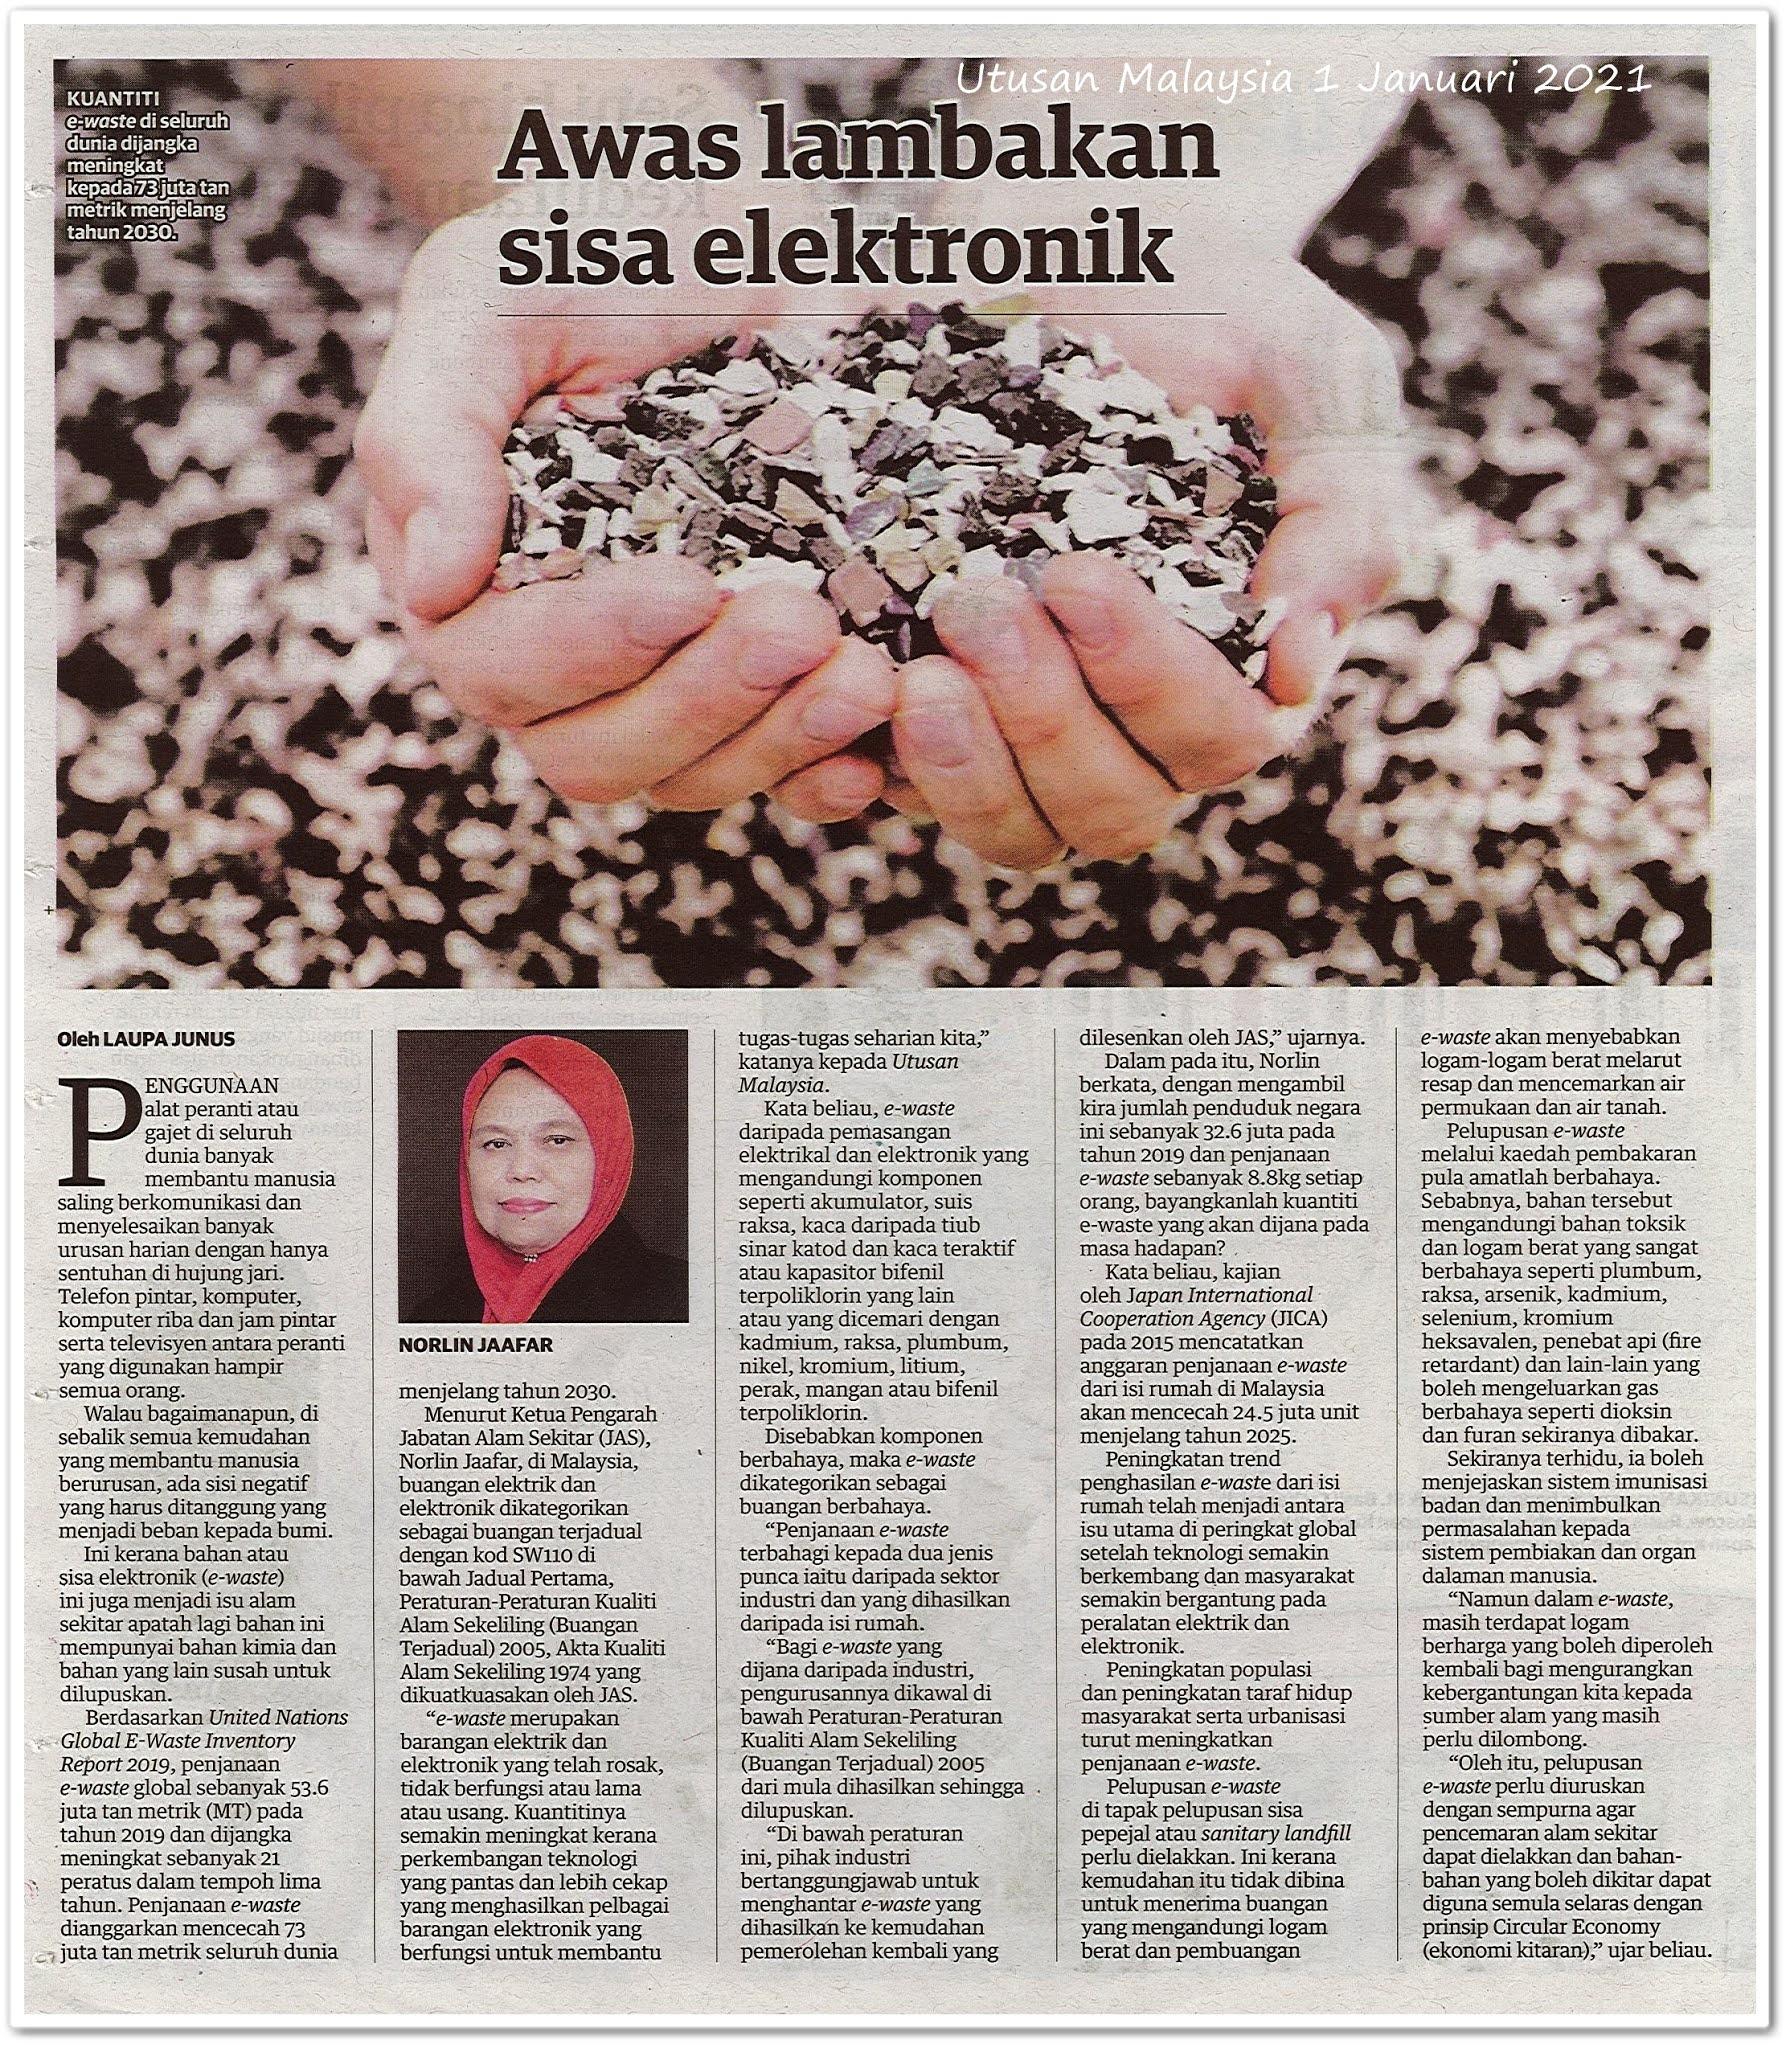 Awas lambakan sisa elektronik - Keratan akhbar Utusan Malaysia 1 Januari 2021